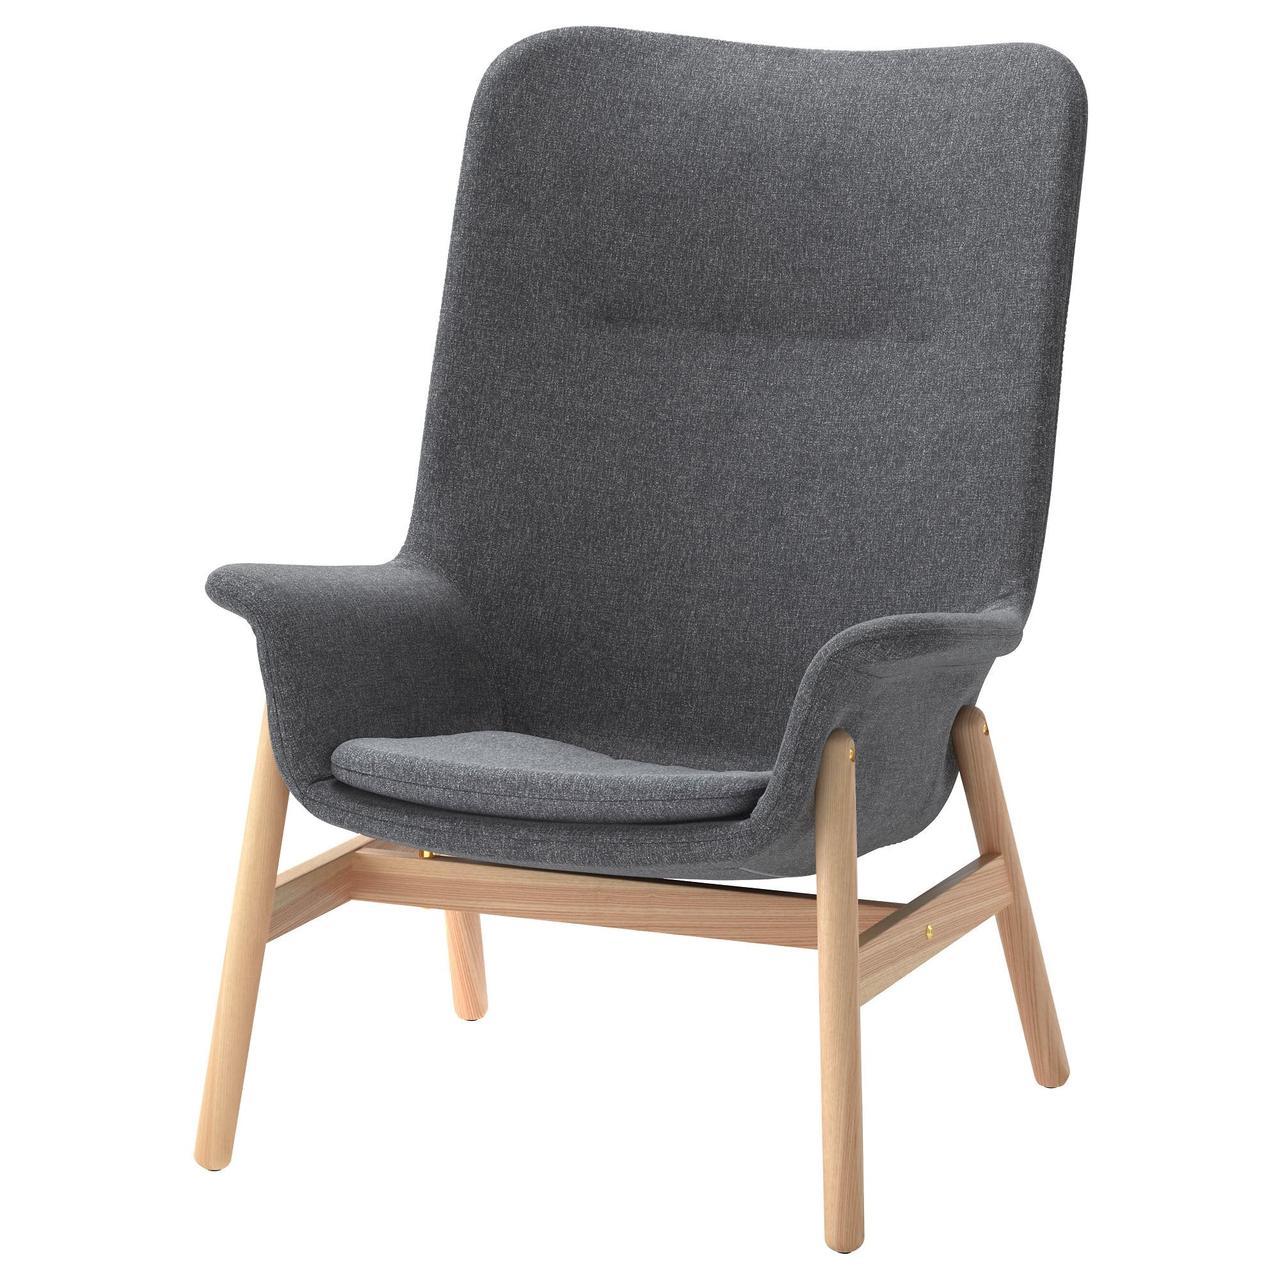 Кресло c высокой спинкой IKEA VEDBO Gunnared темно-серое 104.241.31